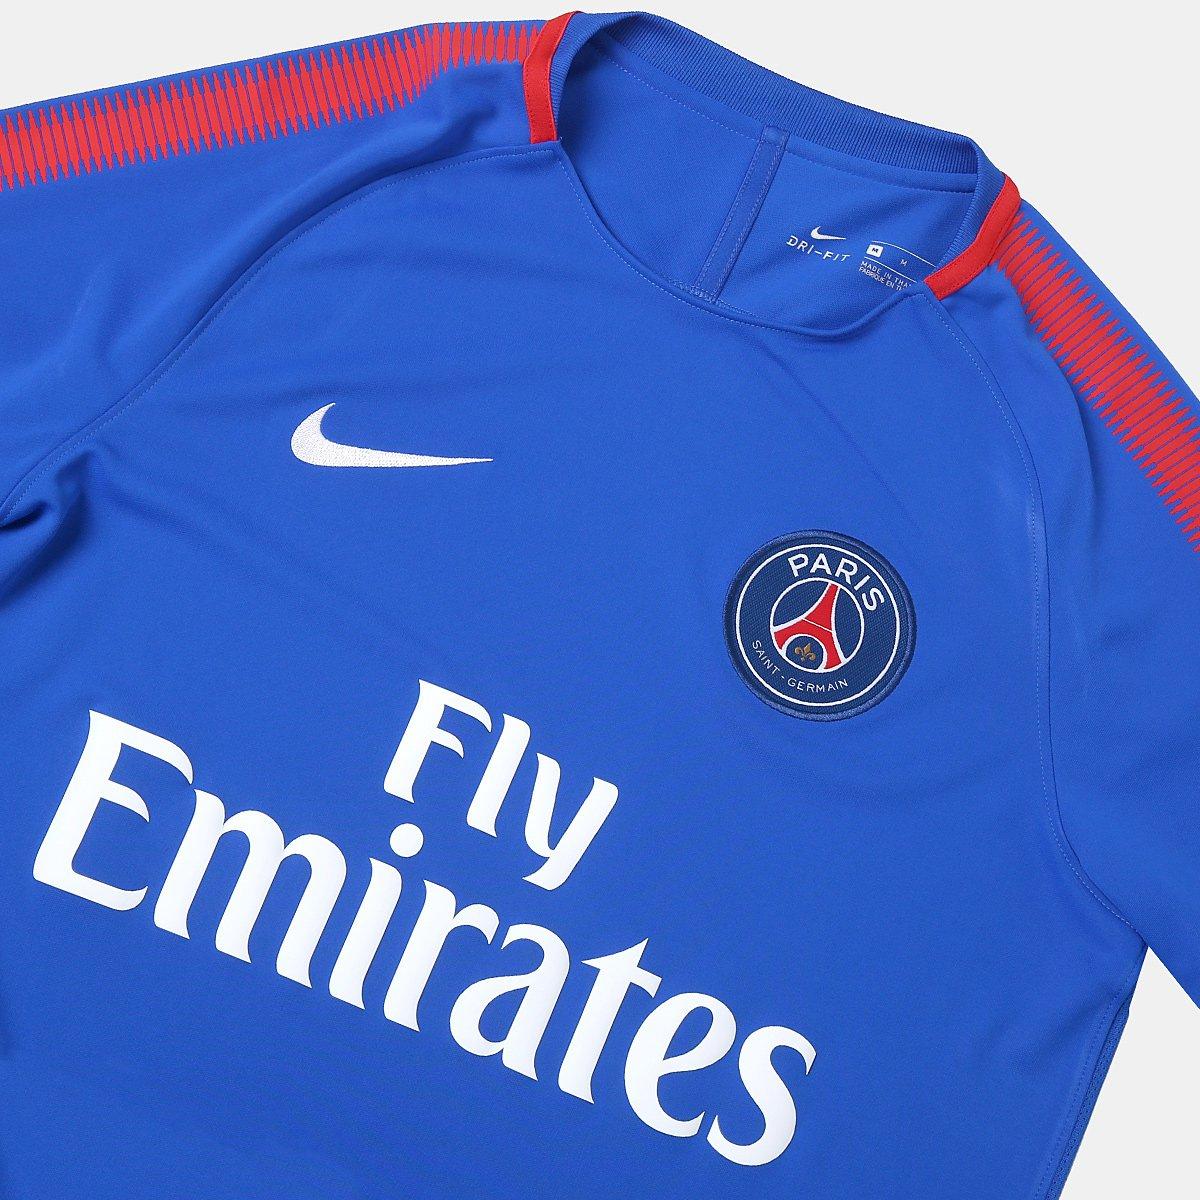 Camisa de Treino Paris Saint Germain Nike Masculina - Compre Agora ... 3e302ba79407b